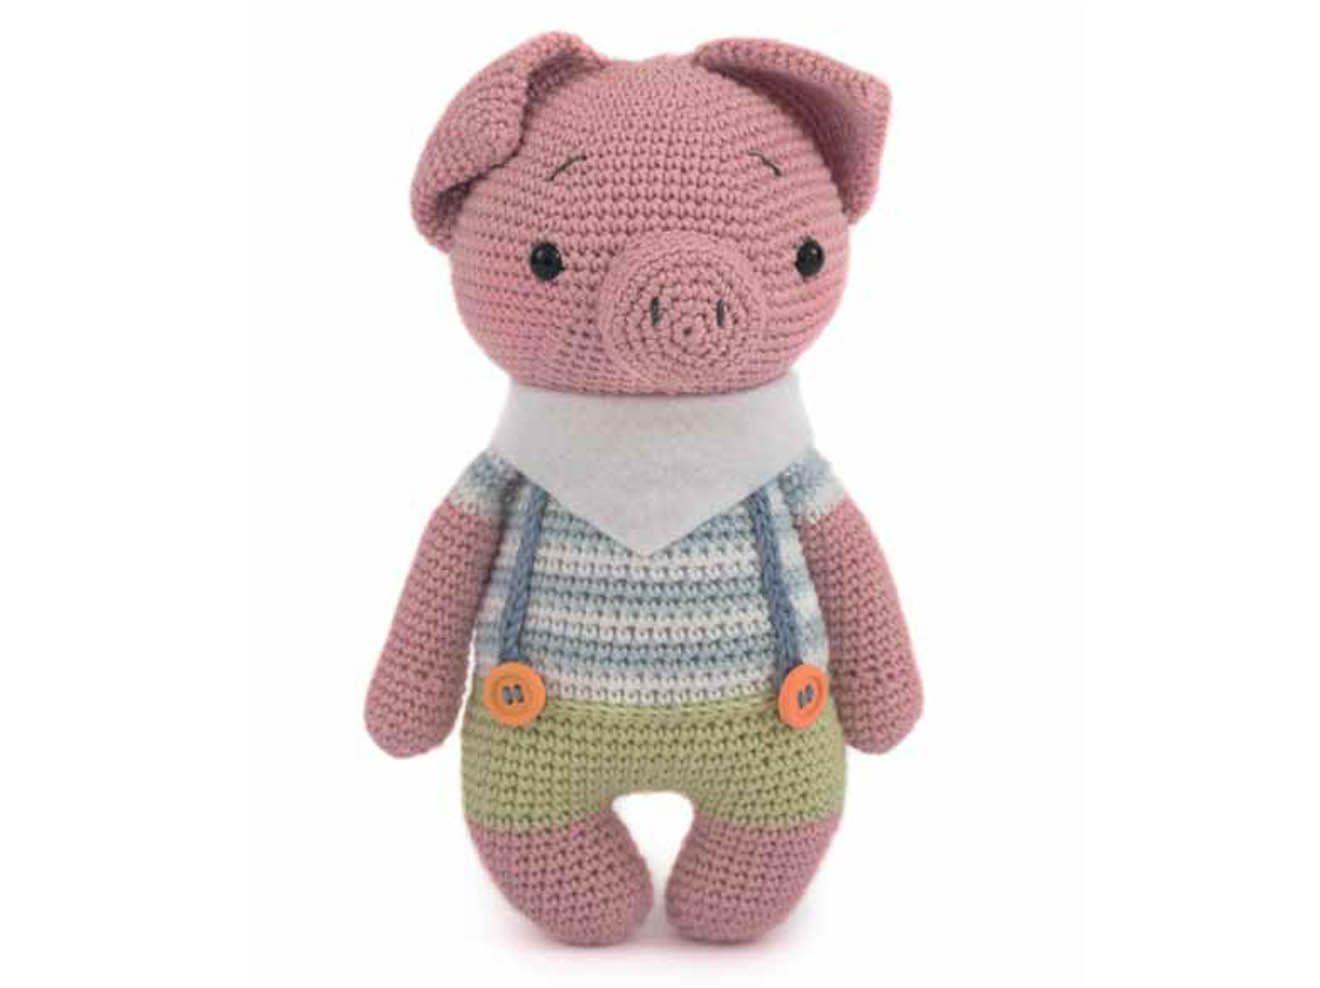 Häkelanleitung für ein süßes Schweinchen #dollhats